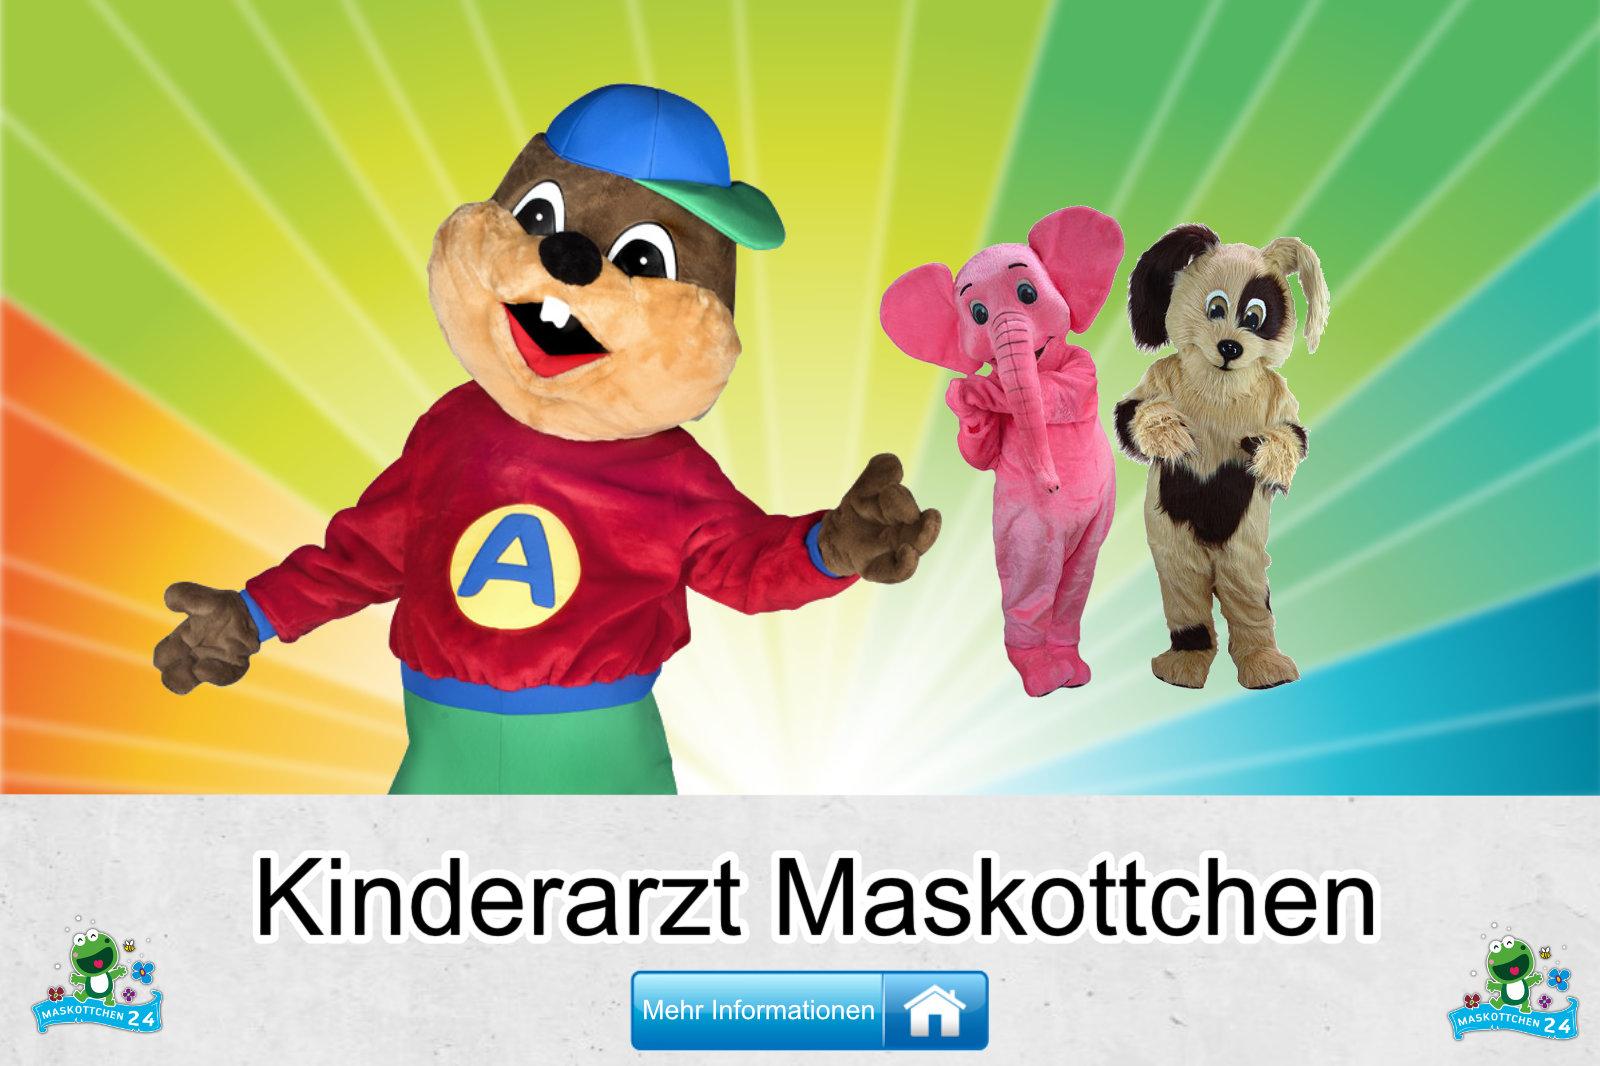 Kostüm Maskottchen Günstig-Kaufen Produktion Kinderarzt